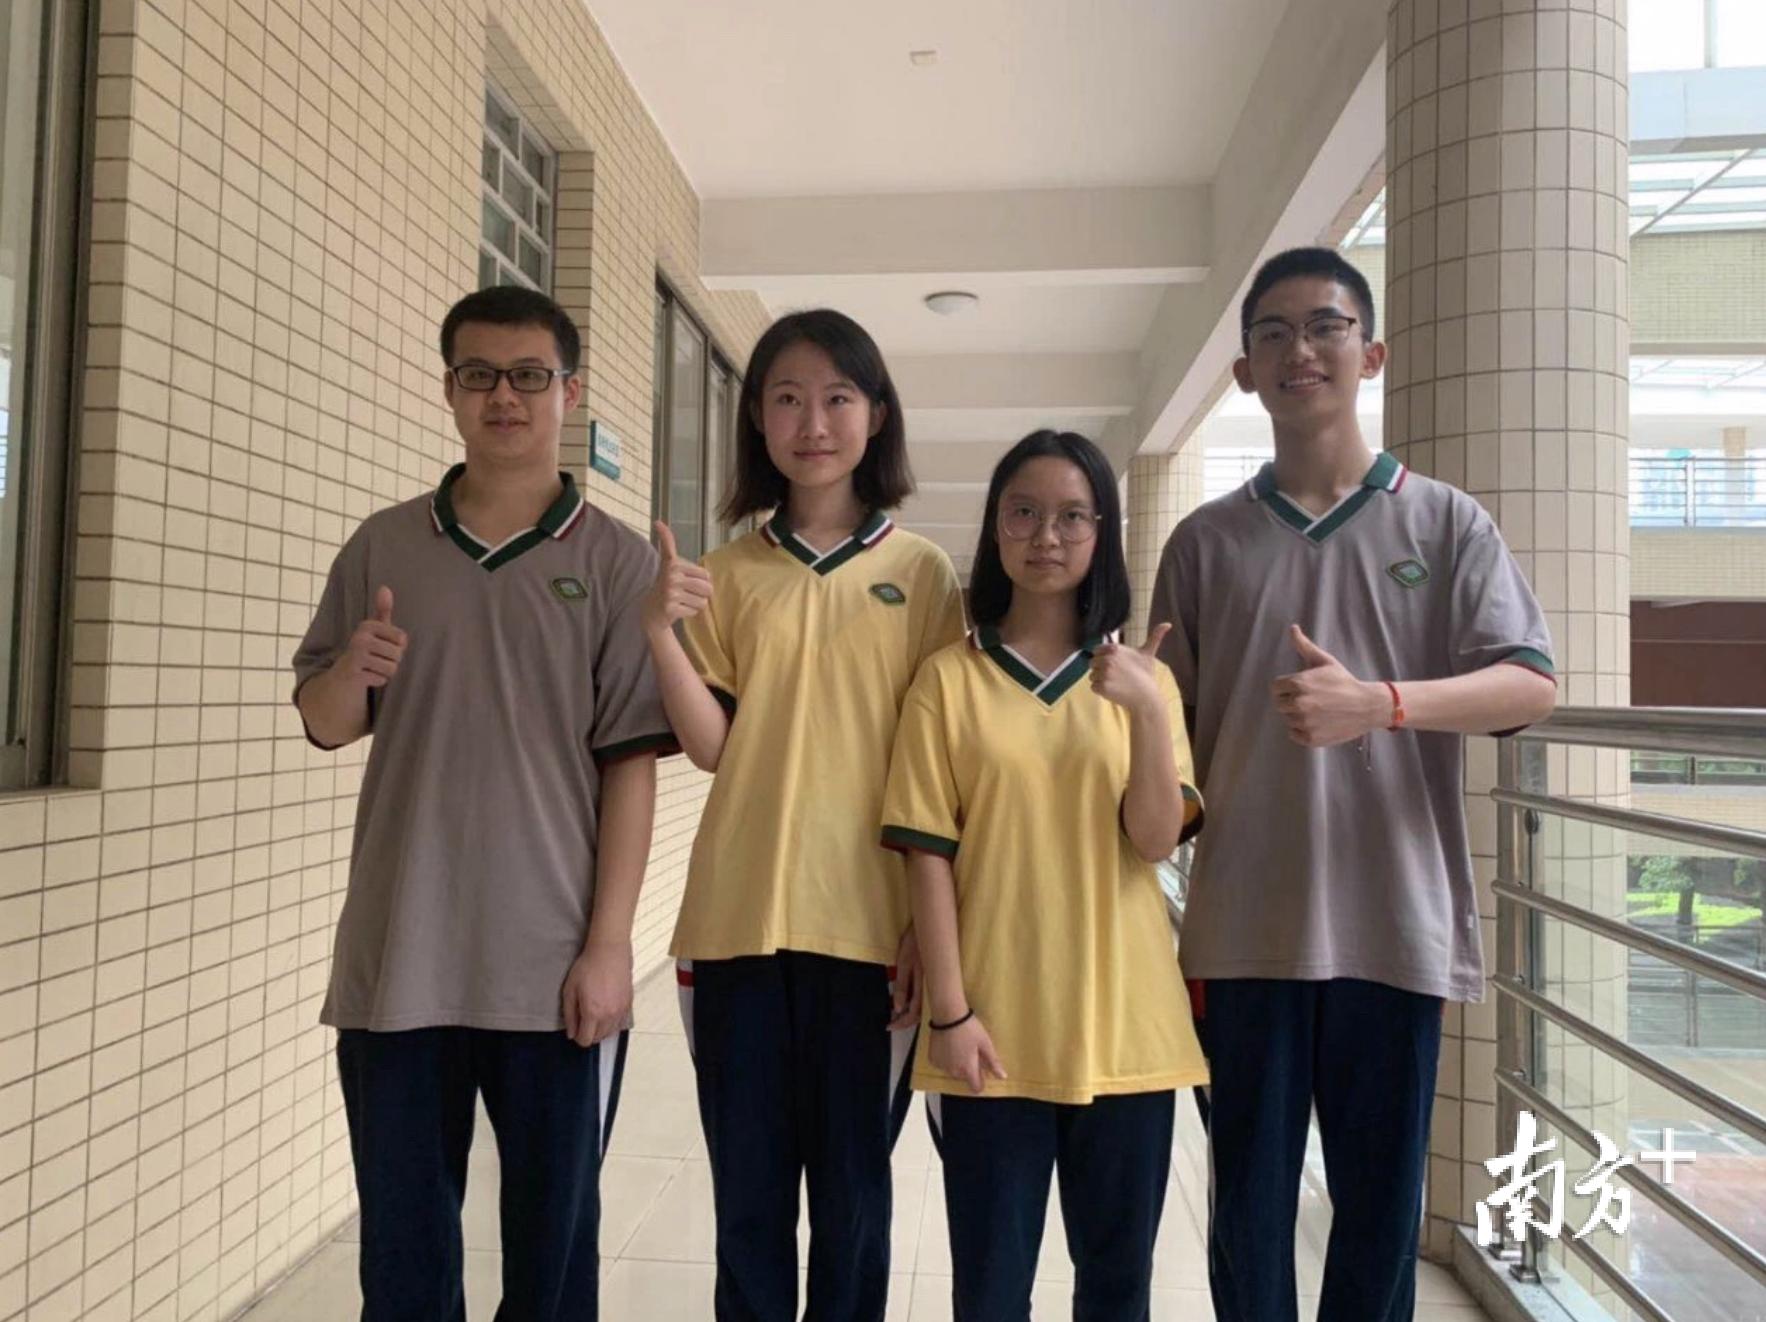 石门中学4名文、理科成绩被屏蔽考生的合影,中间两人为刘祺(左二)、陈悦心(左三)。黄志平摄